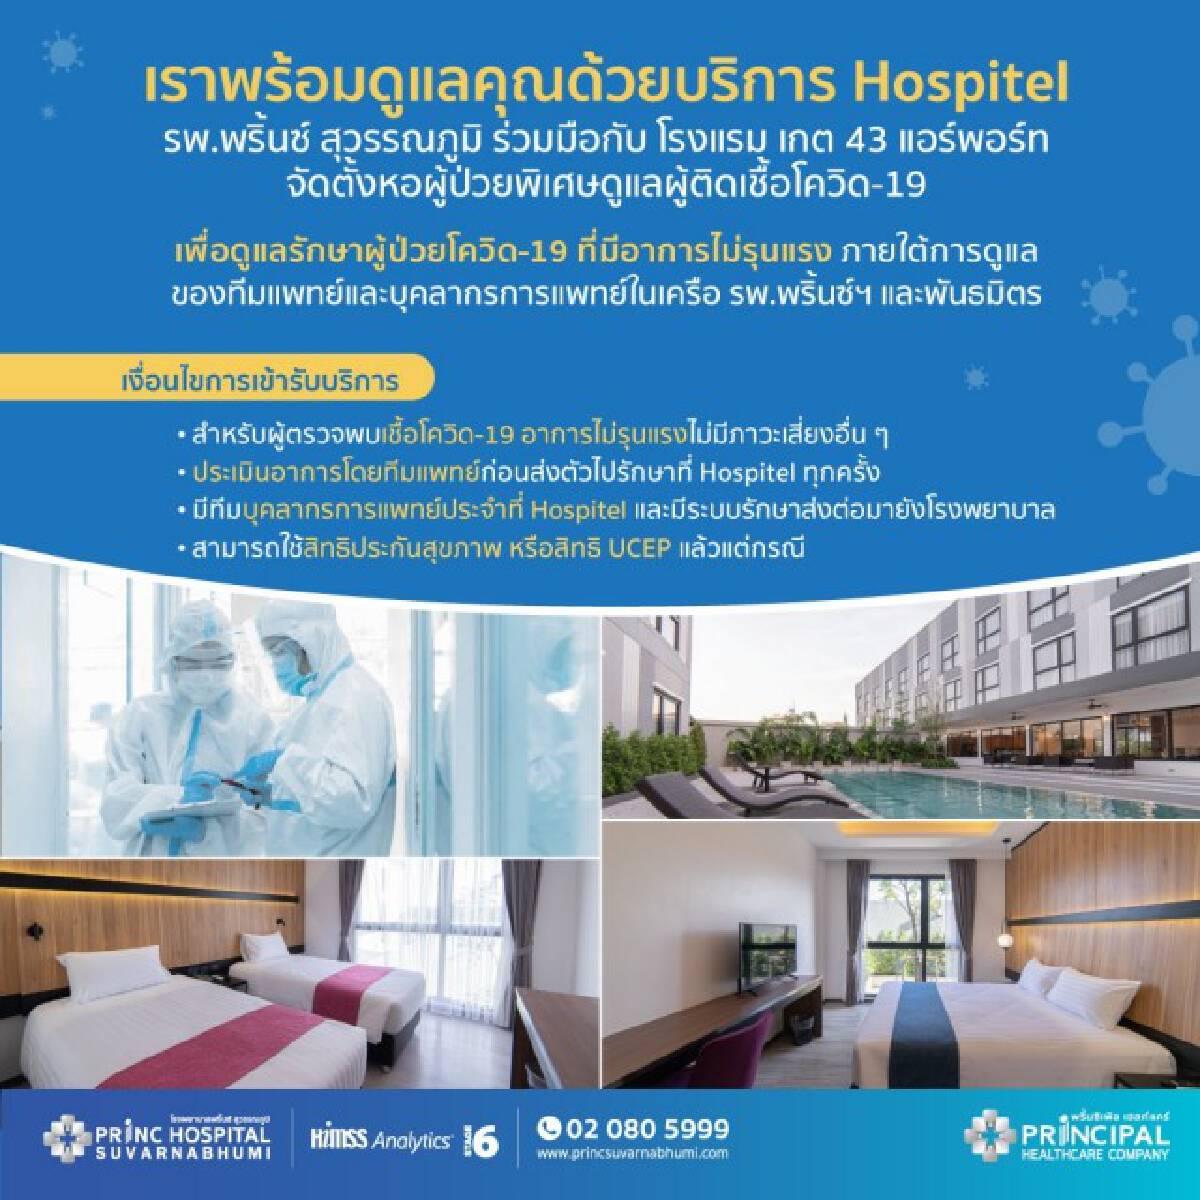 โรงพยาบาลเอกชน เปิดตัว Hospitel รองรับผู้ป่วยโควิดเพิ่ม